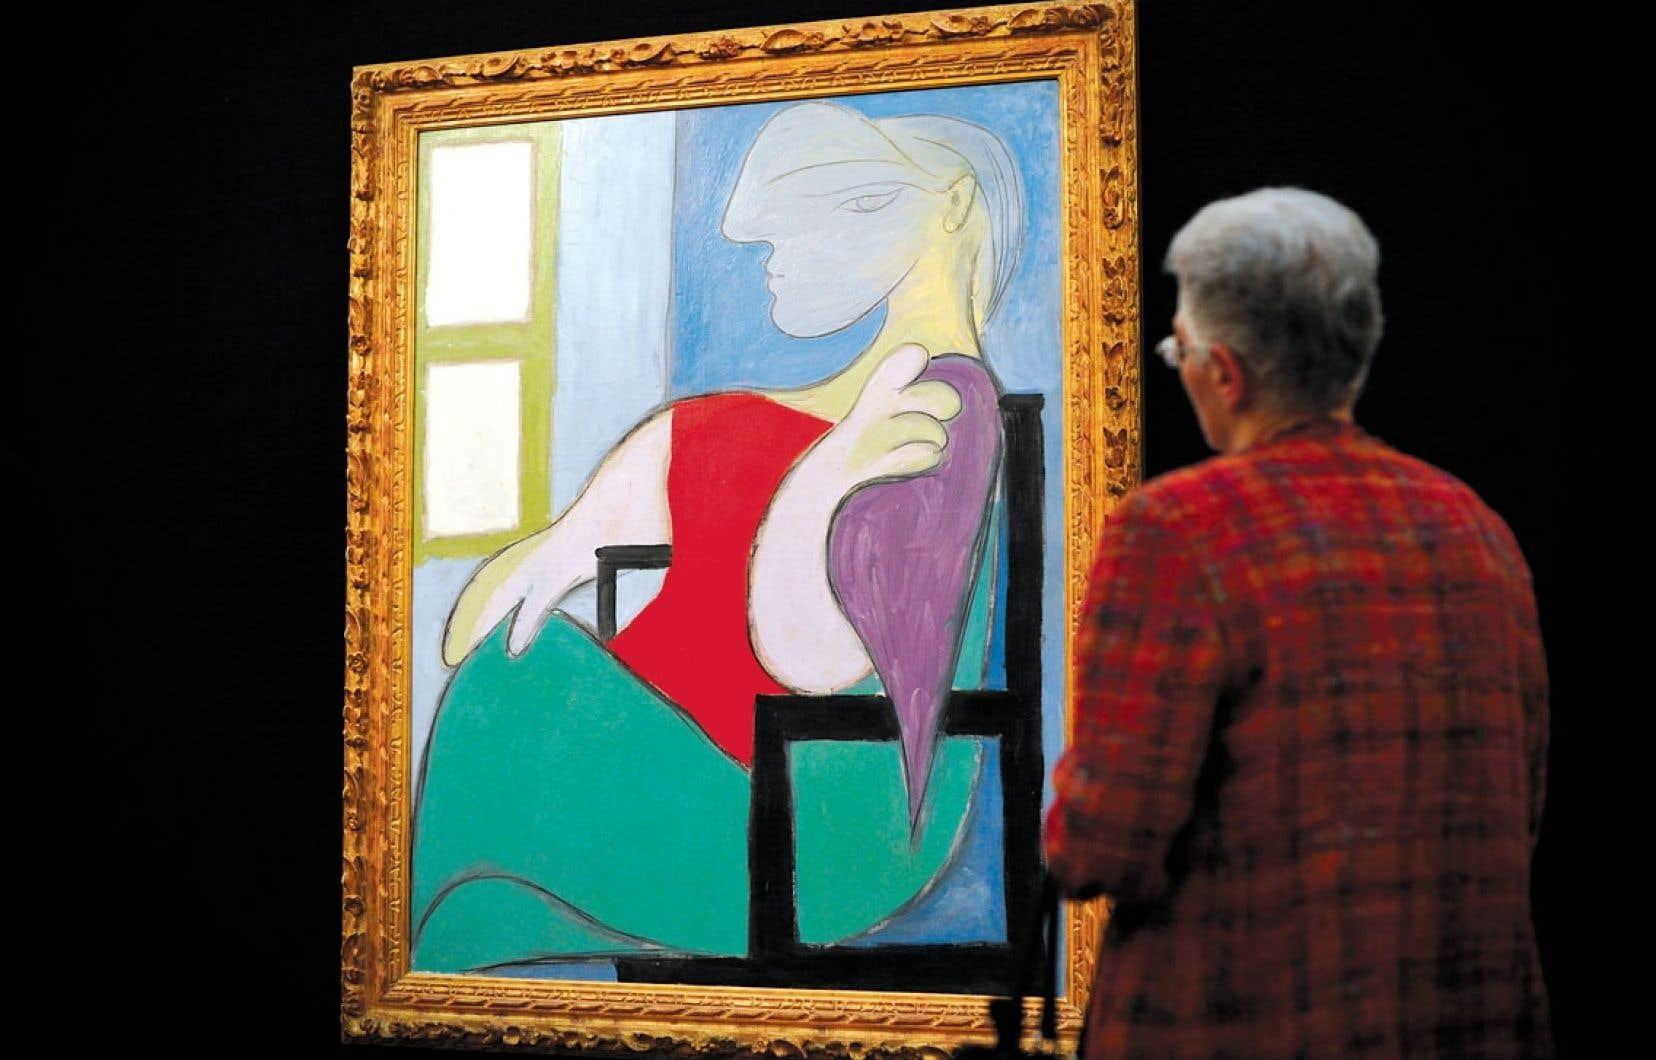 Peint en 1932, Femme assise près de la fenêtre est l'un des nombreux portraits que Picasso a peints de Marie-Thérèse Walter. Sotheby's a estimé que la valeur du tableau se situait entre 40 et 55 millions de dollars, une évaluation qui aurait dû être plus conservatrice selon plusieurs experts.